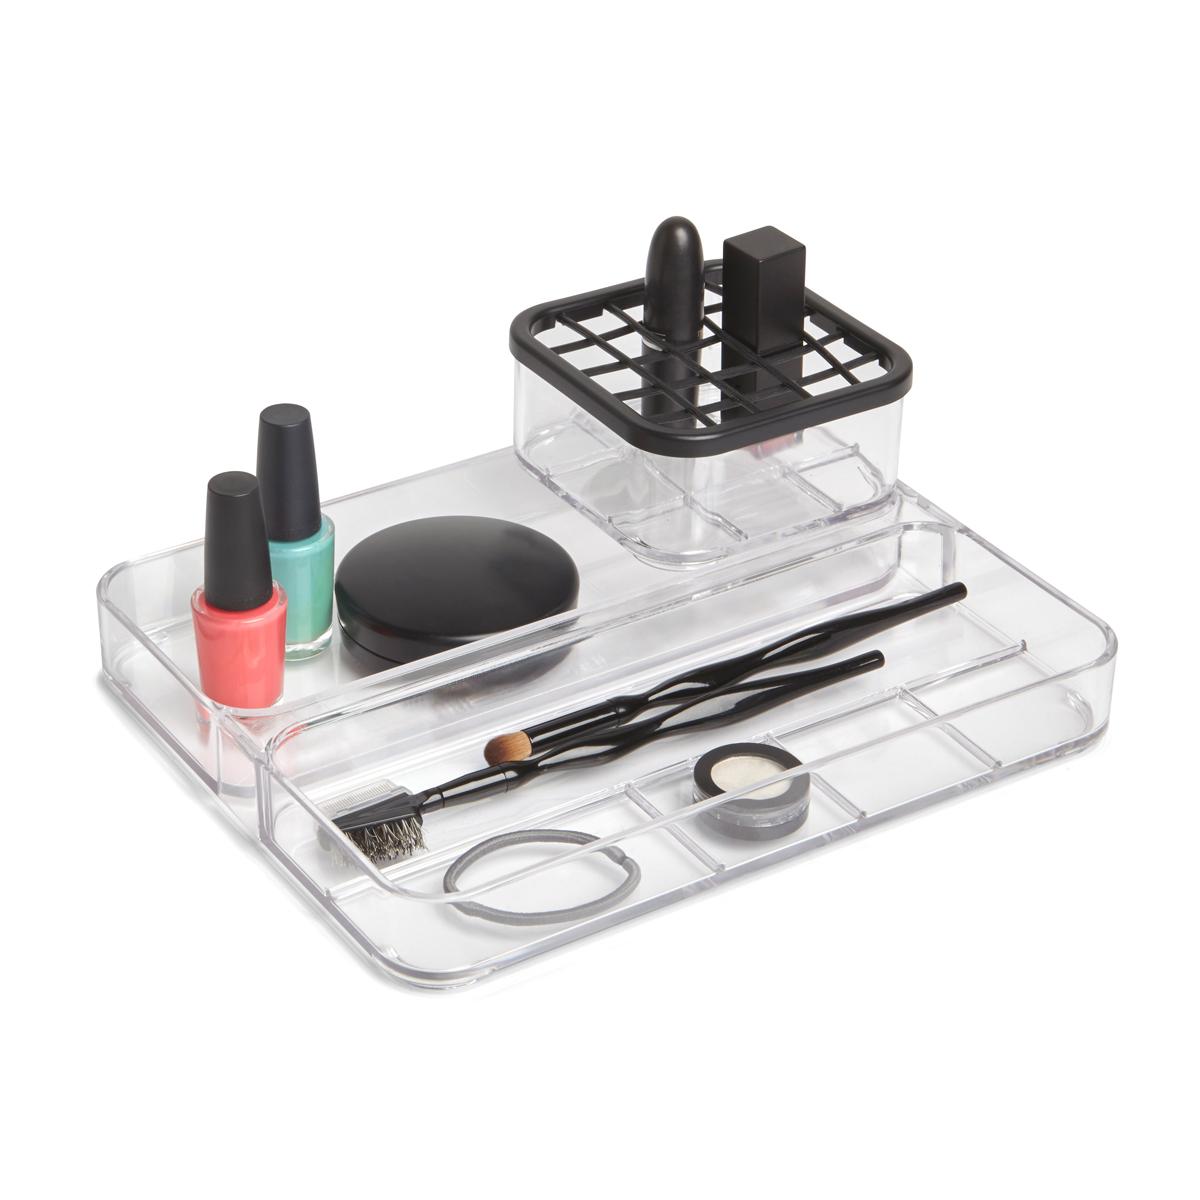 Органайзер Umbra Carrel, 2-уровневый, 5,2 х 10 х 25 см299604-165Практичный органайзер для хранения косметики, украшений или канцелярских принадлежностей. Контейнер, оснащенный крышкой с ячейками, подойдет для хранения карандашей, туши для ресниц или кисточек. На подставке-подносе разместятся украшения, лаки для ногтей, инструменты для маникюра. Прозрачные стенки помогут легко находить необходимый предмет.